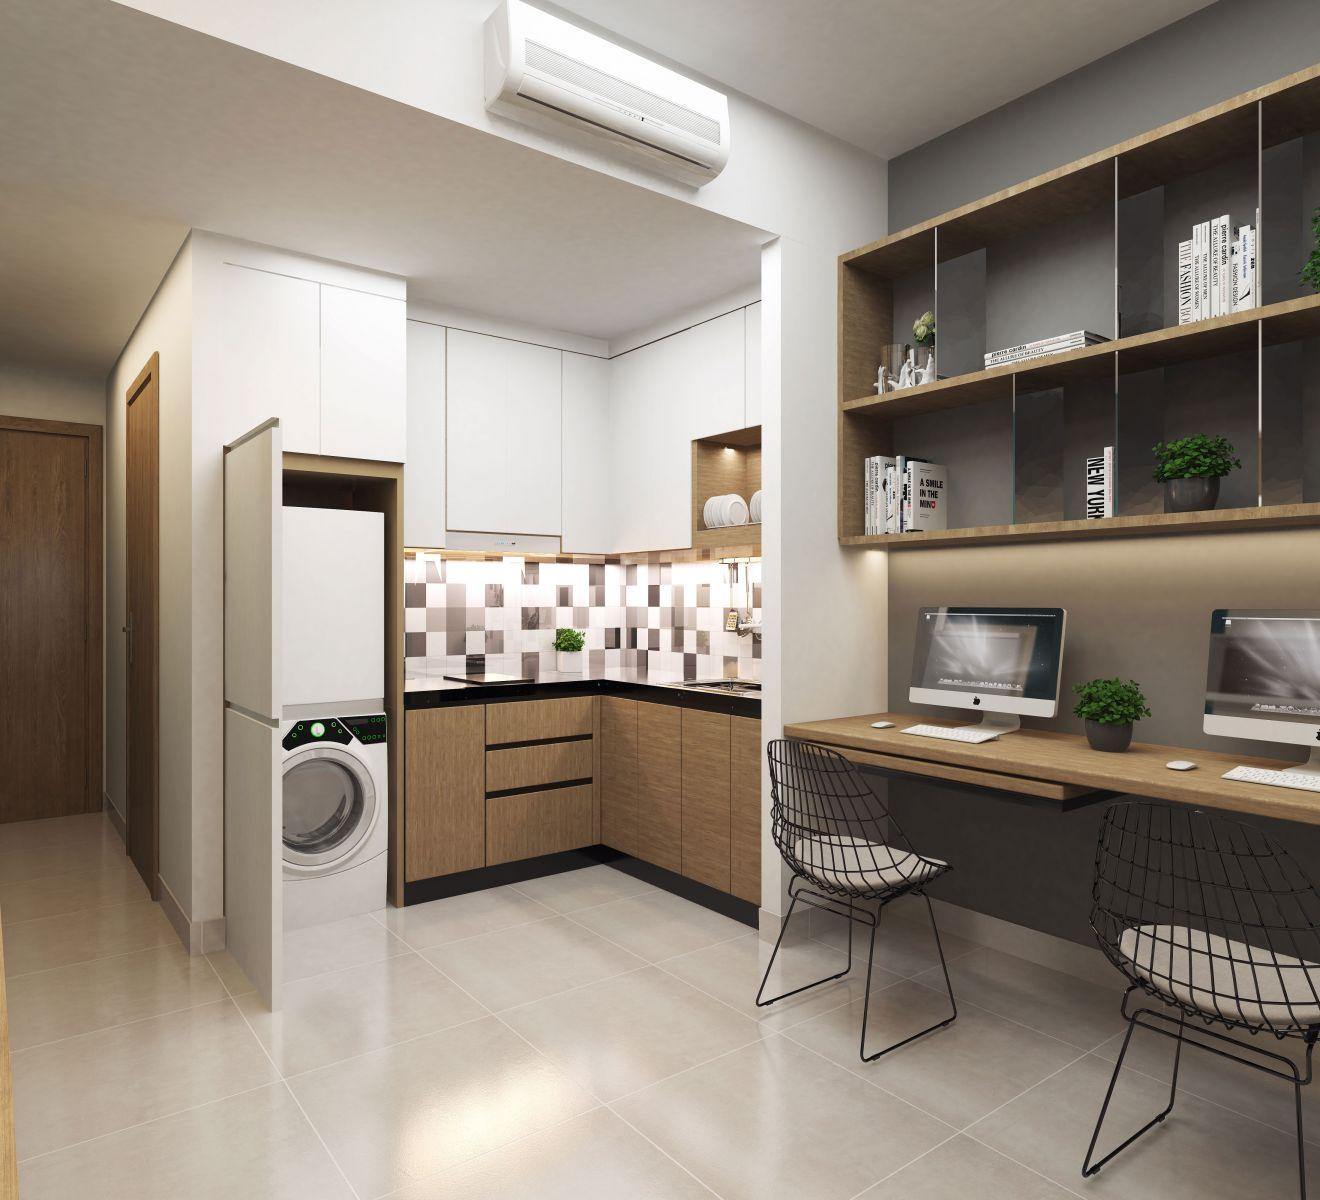 Mô hình căn hộ đa năng officetel